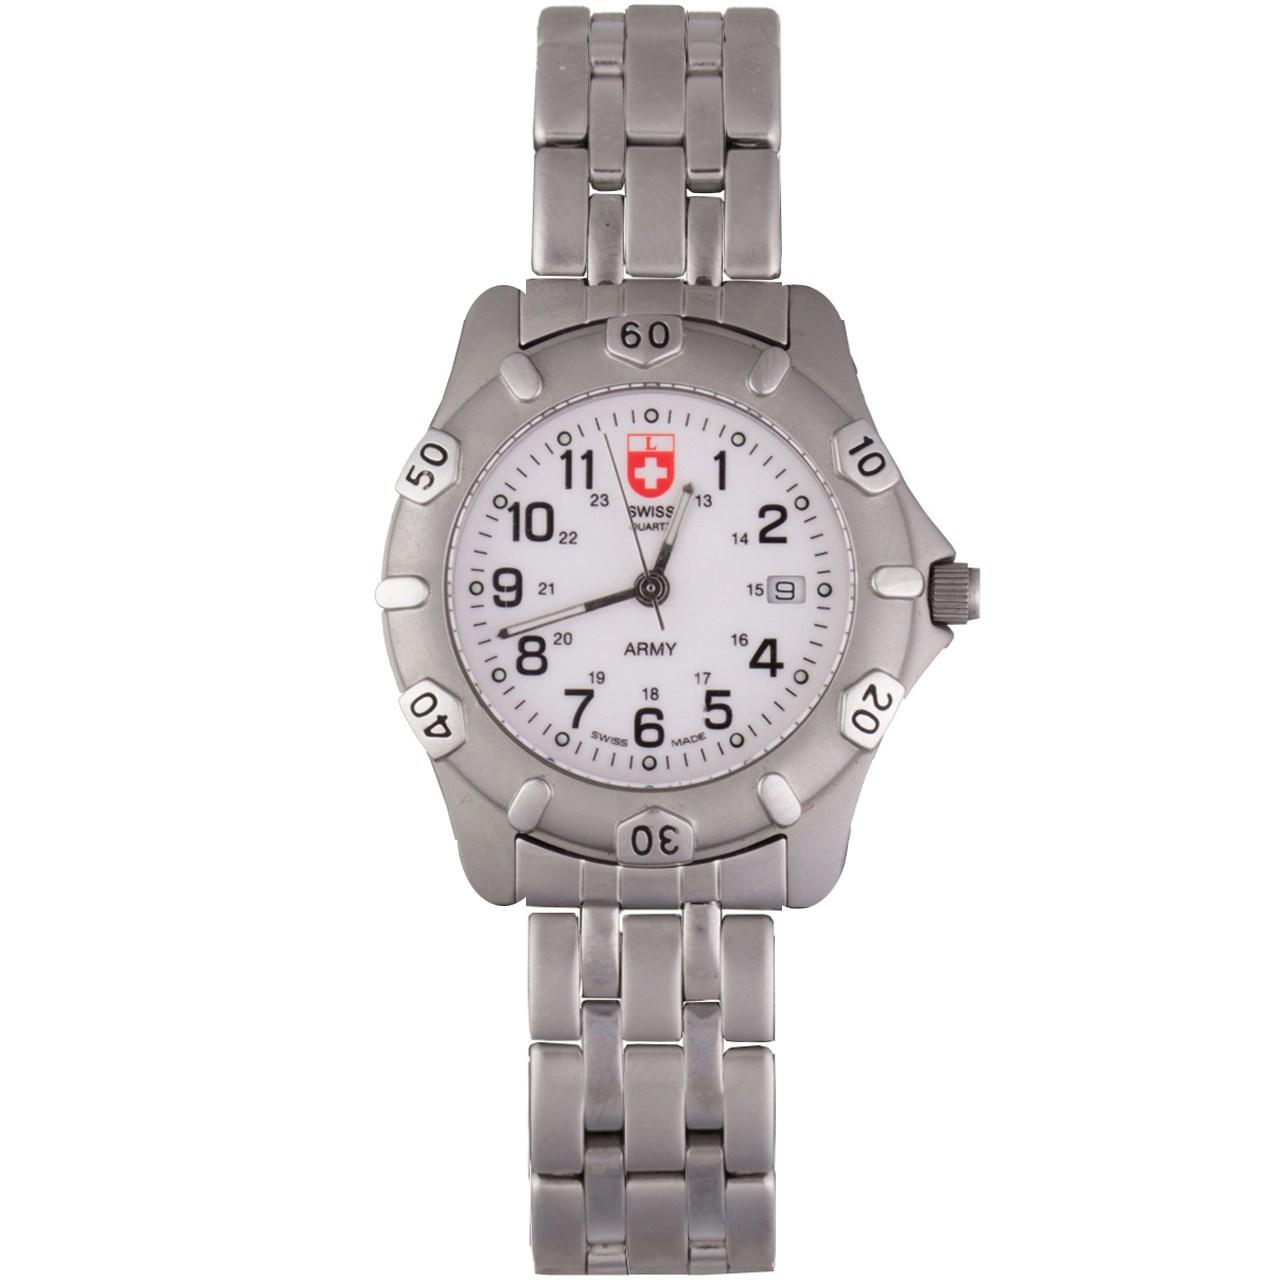 خرید ساعت مچی عقربه ای زنانه سوئیس آرمی مدل 1271LMW